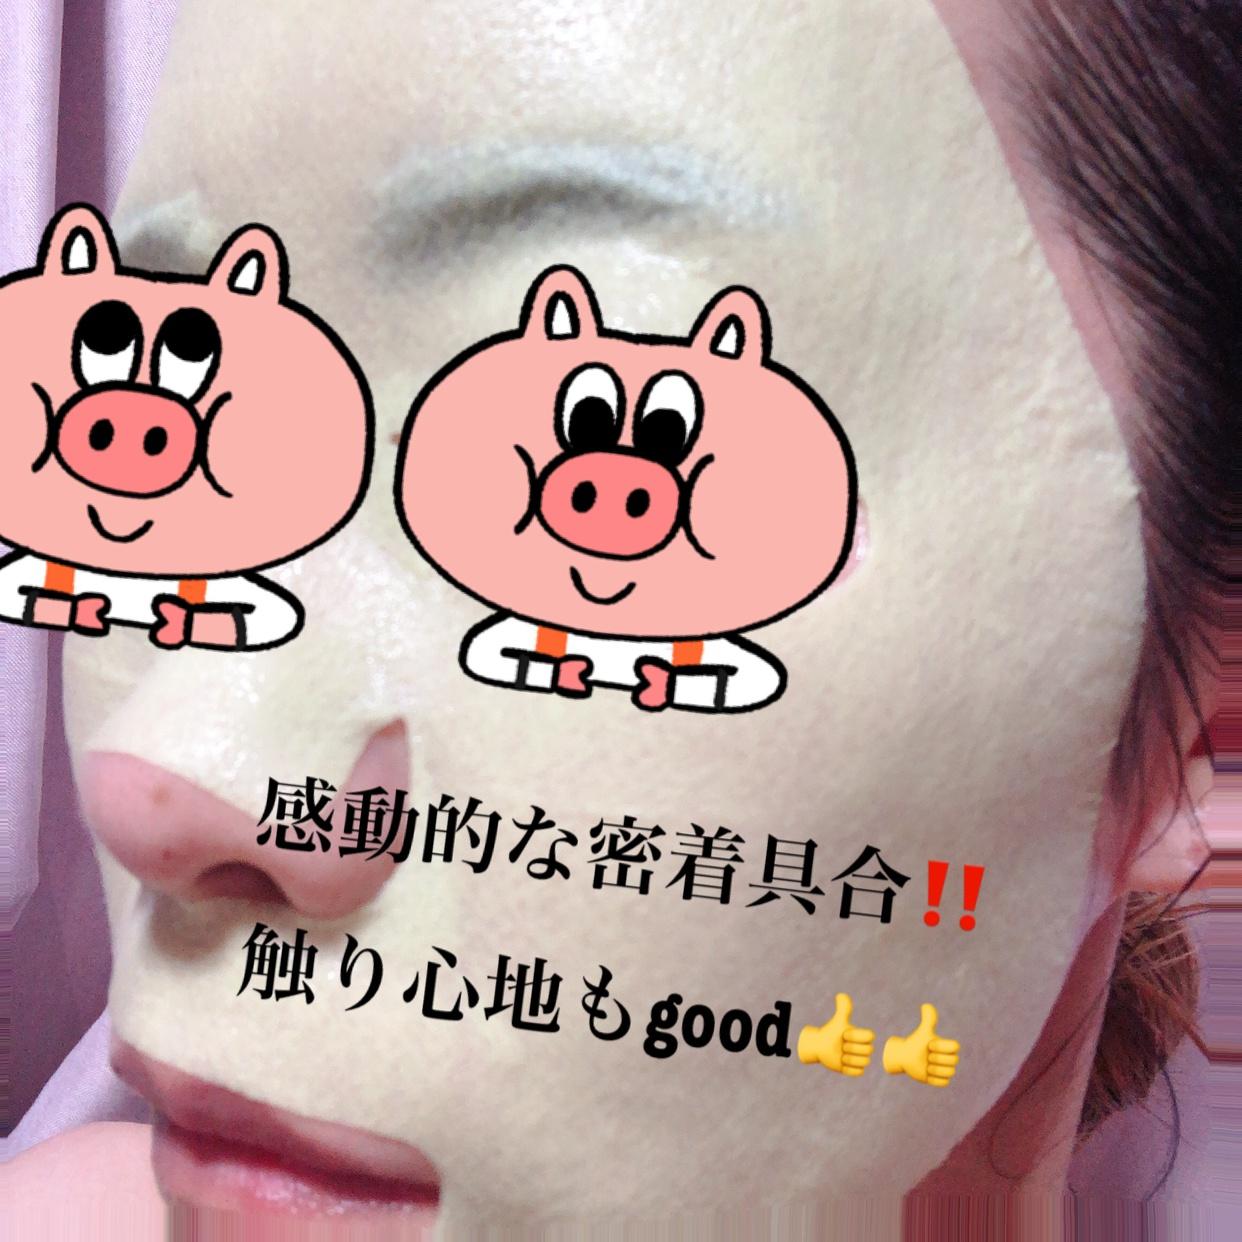 DEWYTREE(デューイトゥリー) ディープマスク アクアを使ったyungさんのクチコミ画像3